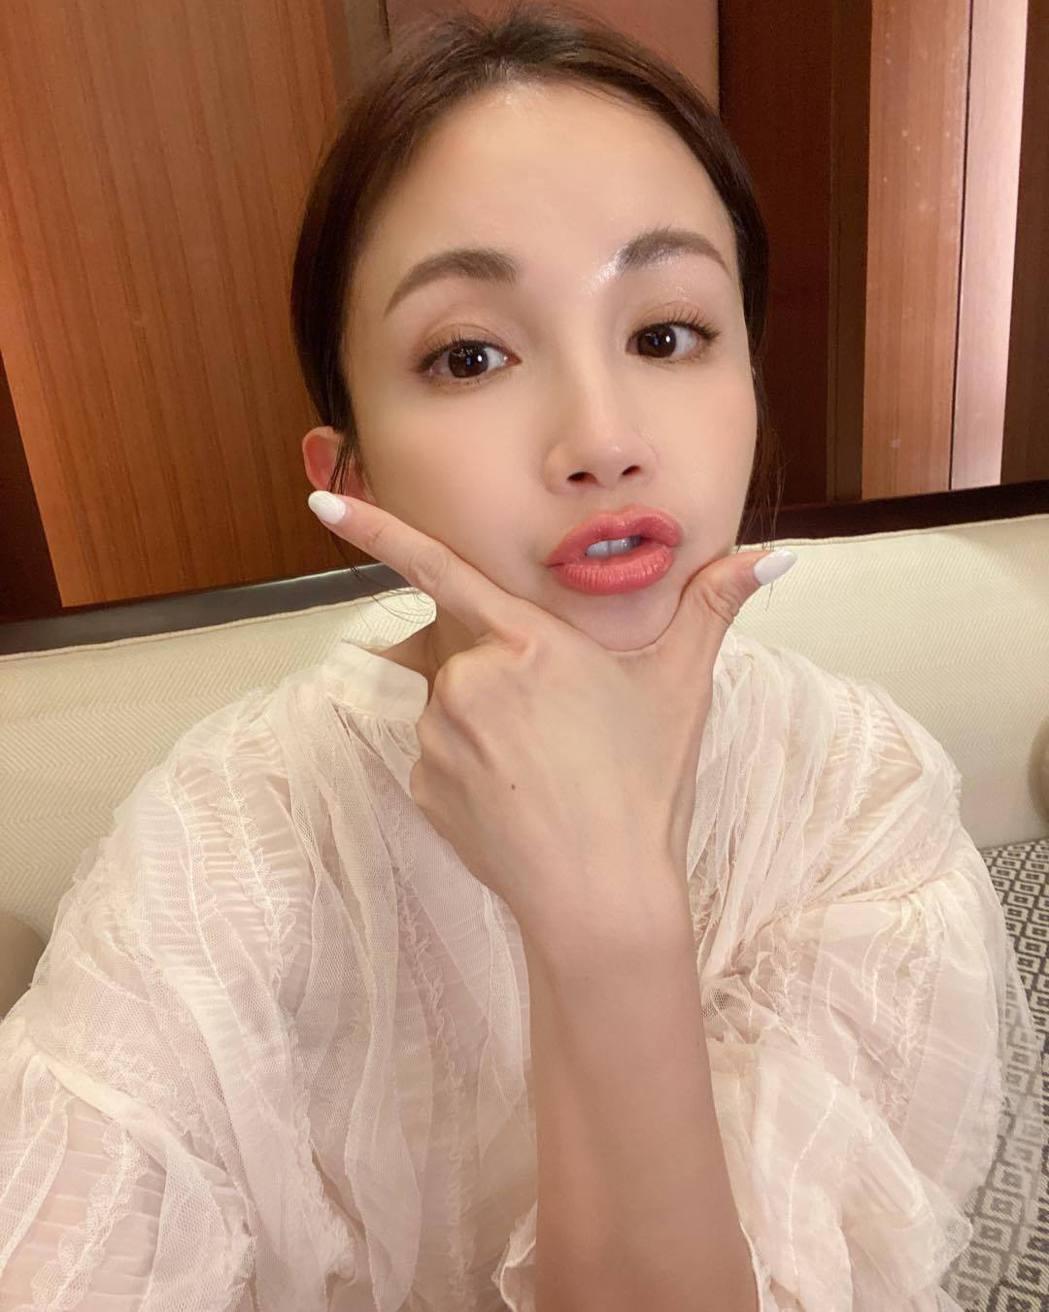 鍾欣怡育有一對兒女,相當活潑可愛。圖/摘自臉書